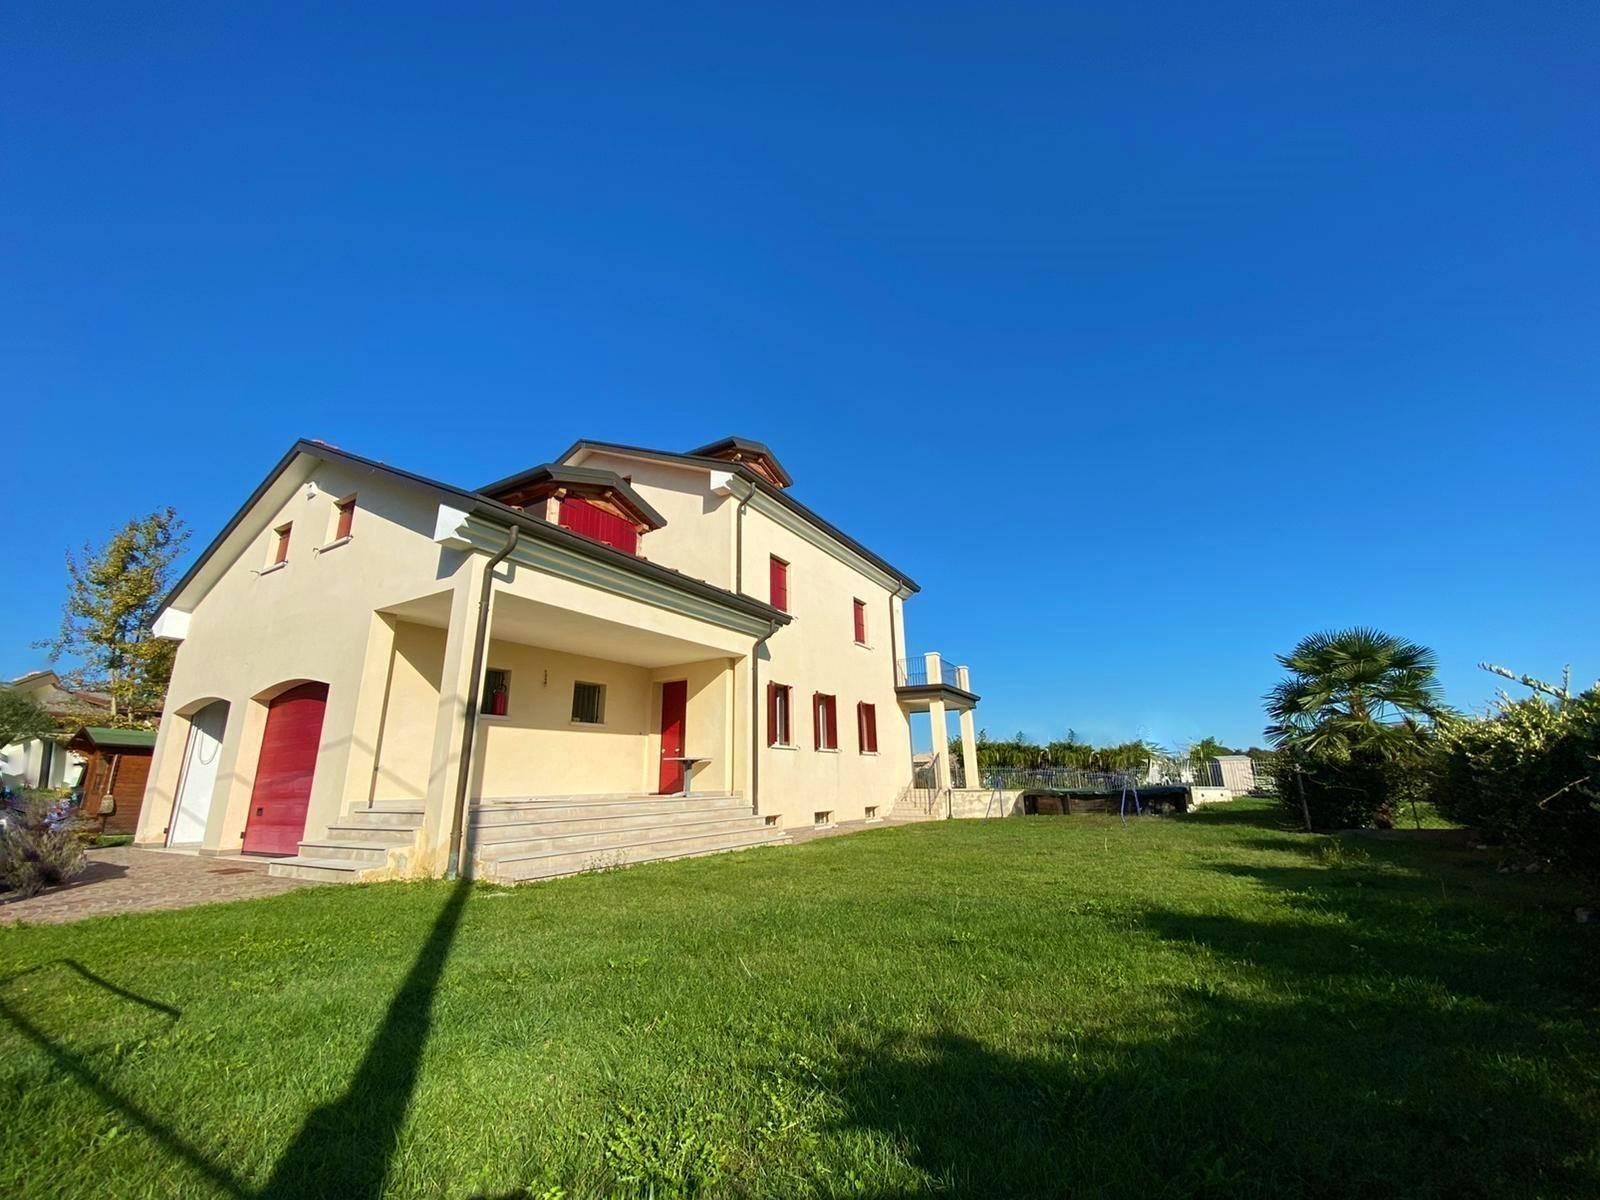 Villa in vendita a Venezia, 12 locali, zona Zona: 13 . Zelarino, prezzo € 478.000 | CambioCasa.it